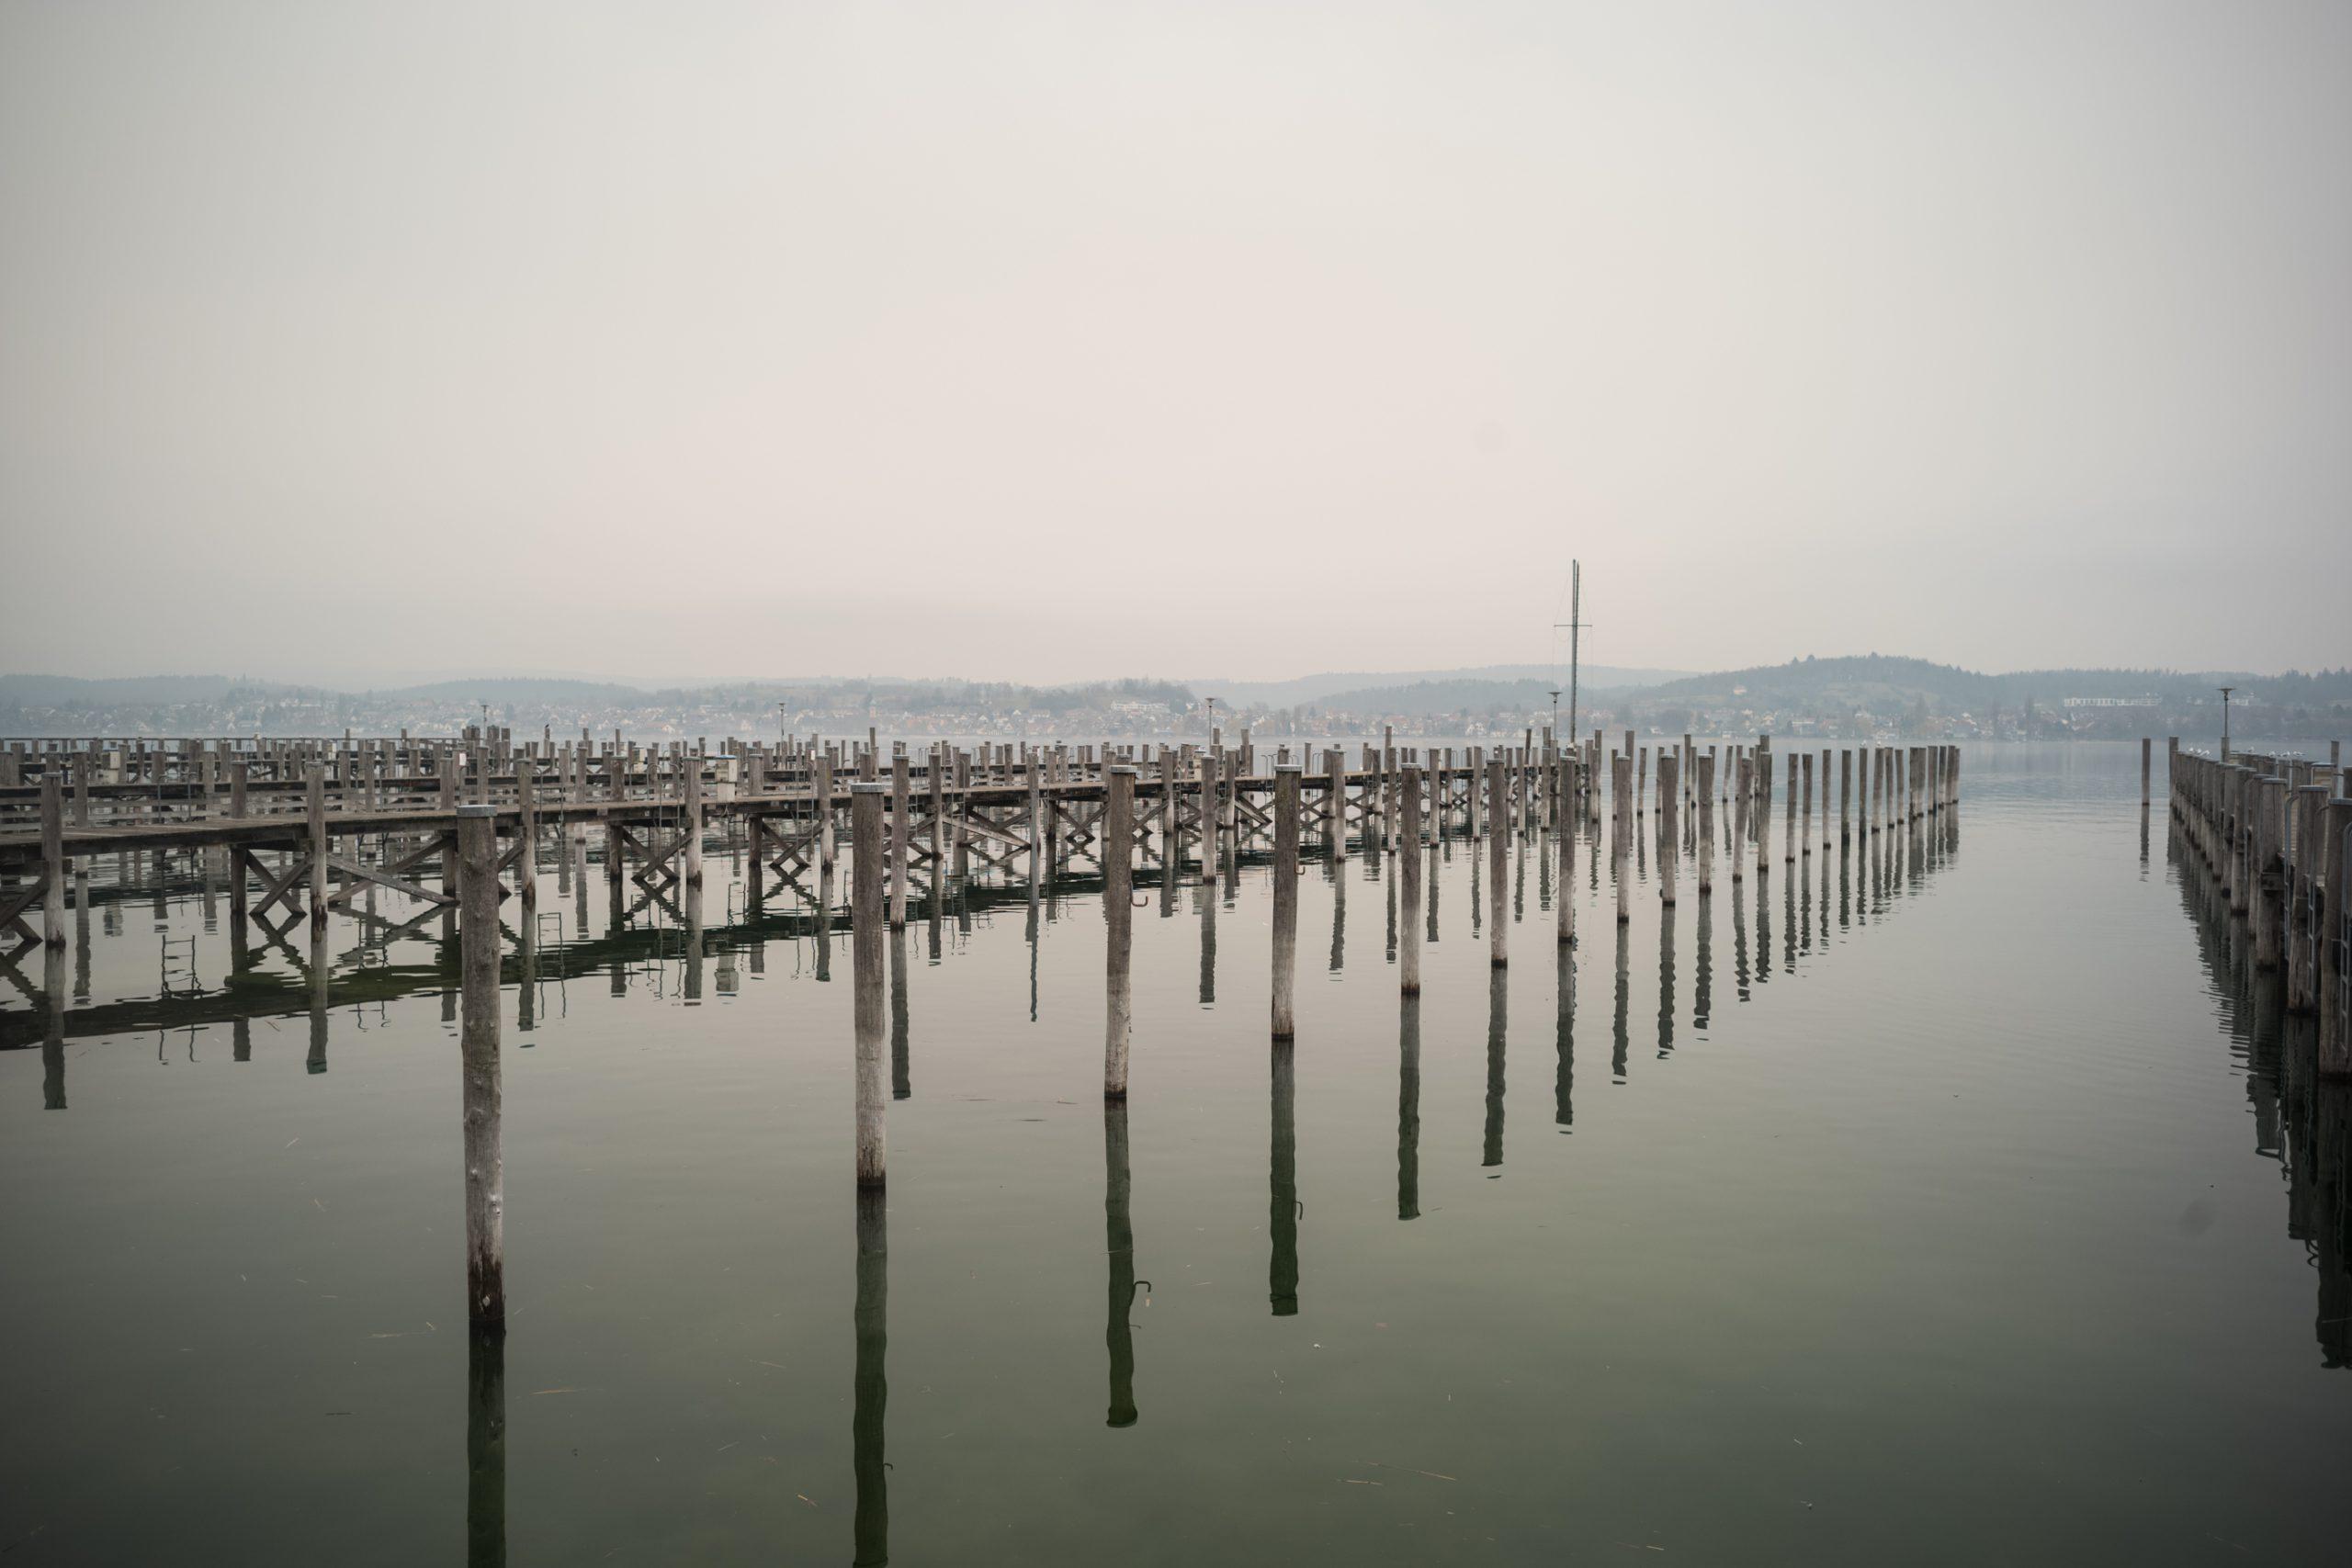 Winter und dann auch noch Corona: Normalerweise ist am Yachthafen Reichenau immer viel los. Aber was ist schon noch normal? M-Rokkor 40/2 an Minolta CLE, Fujicolor C200